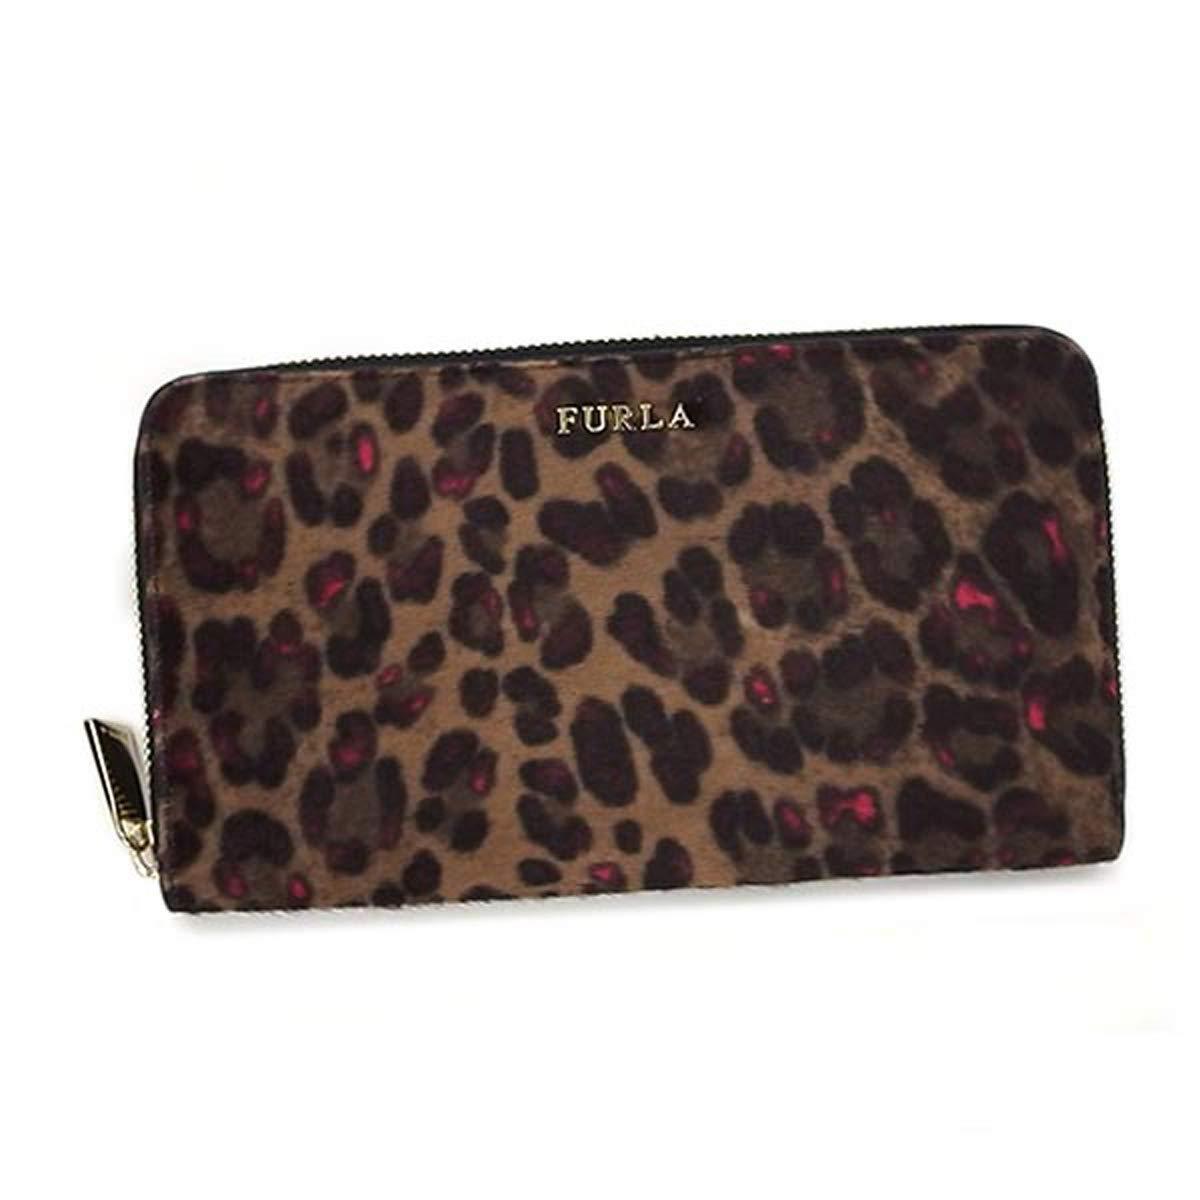 [フルラ] 財布 780297 バビロン ラウンドファスナー長財布 レオパード ヒョウ柄(ピンク)+ブラック [並行輸入品] B07NXSGR28